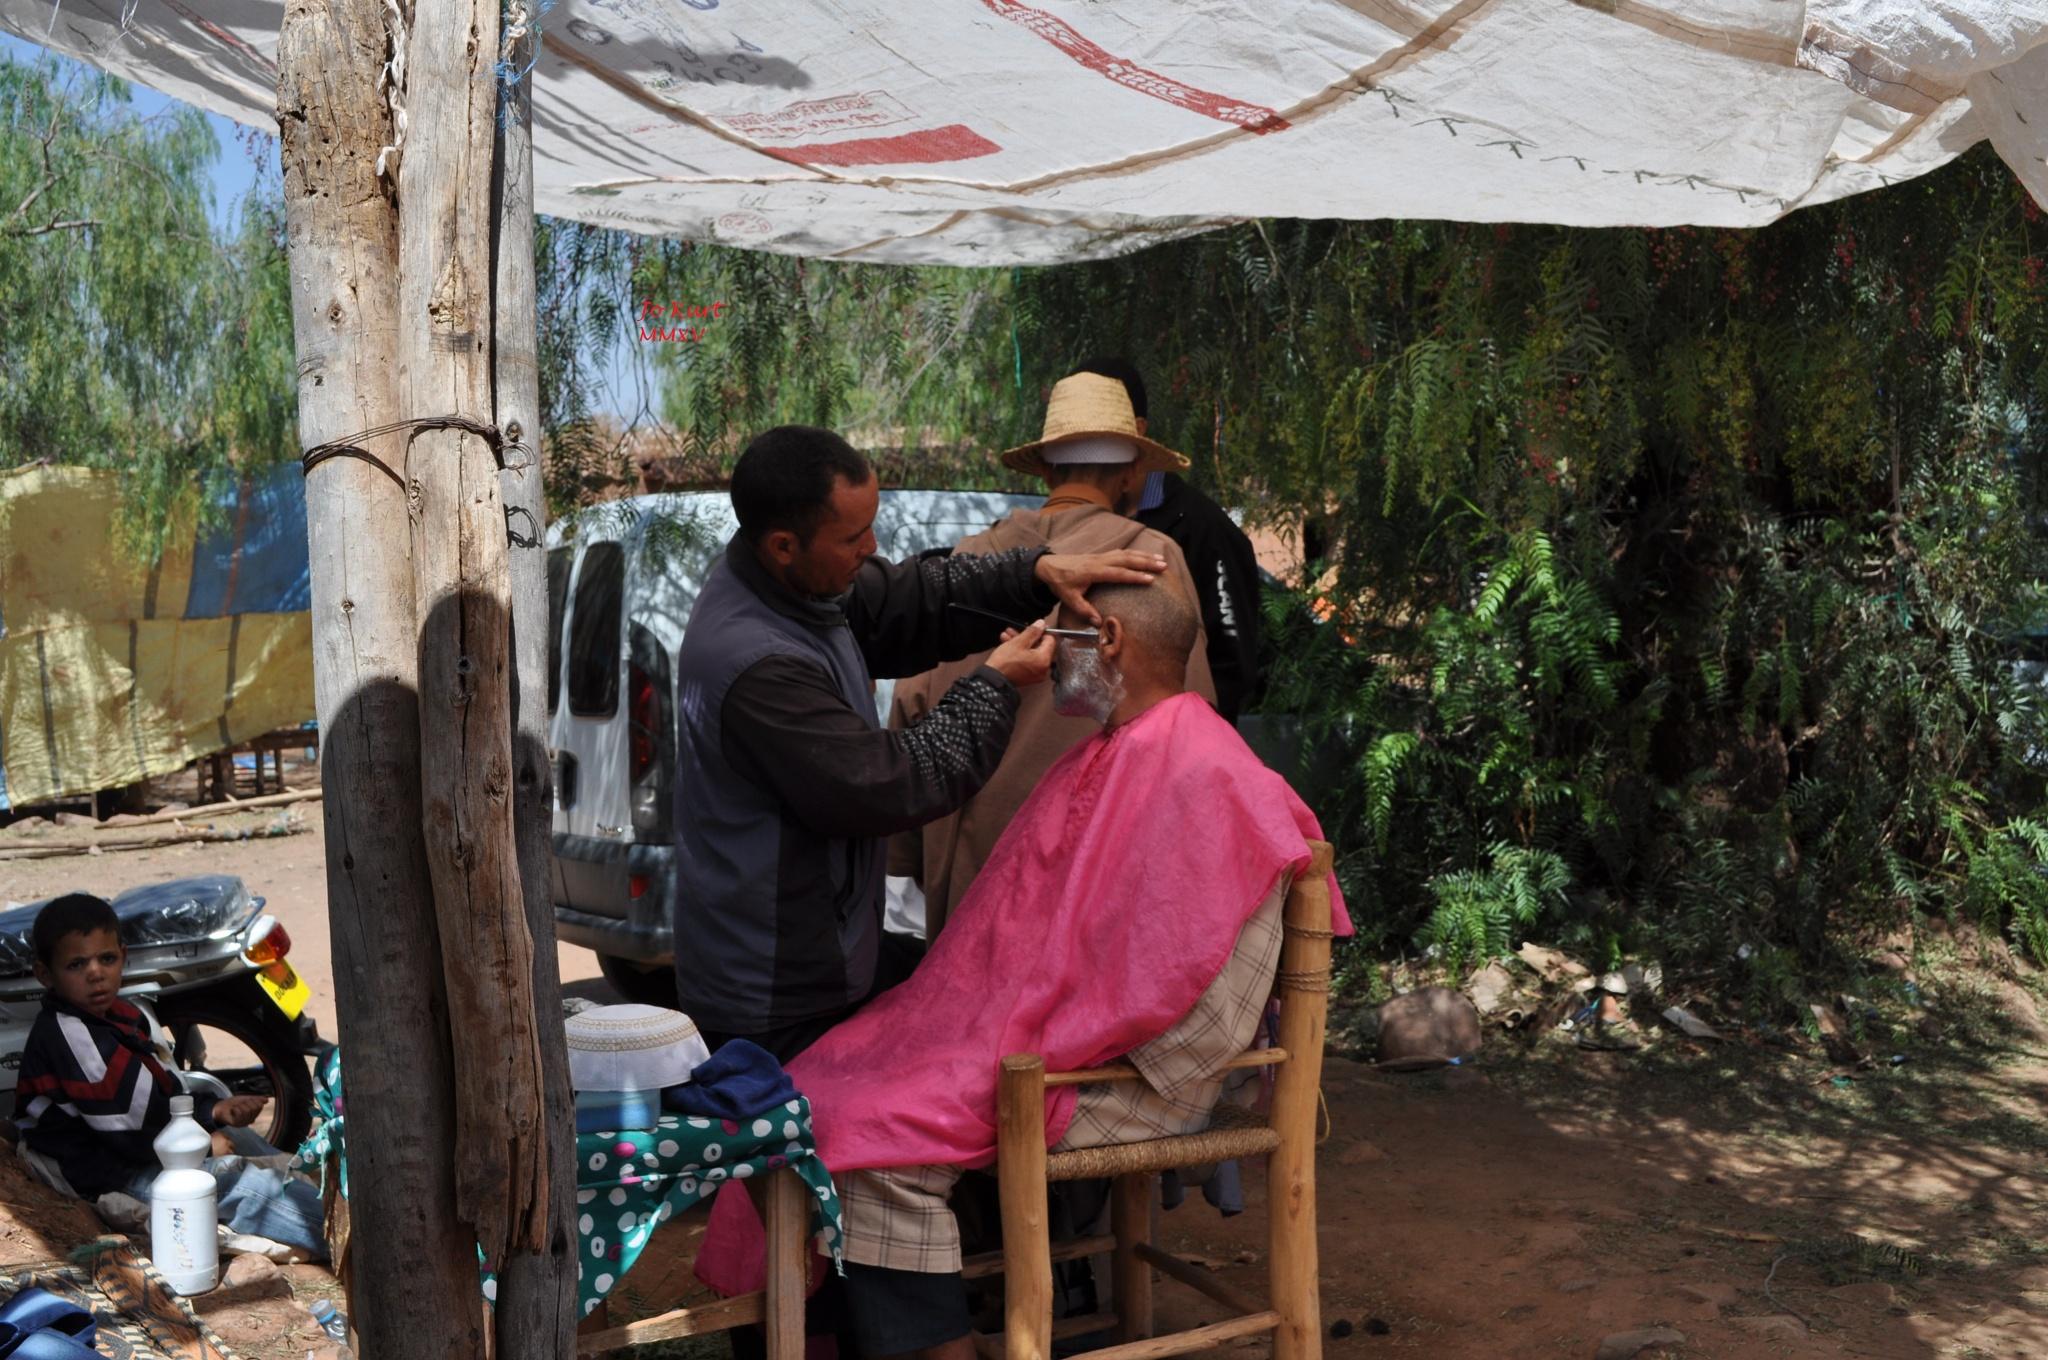 barber shop in the street by jo.kurt.9022